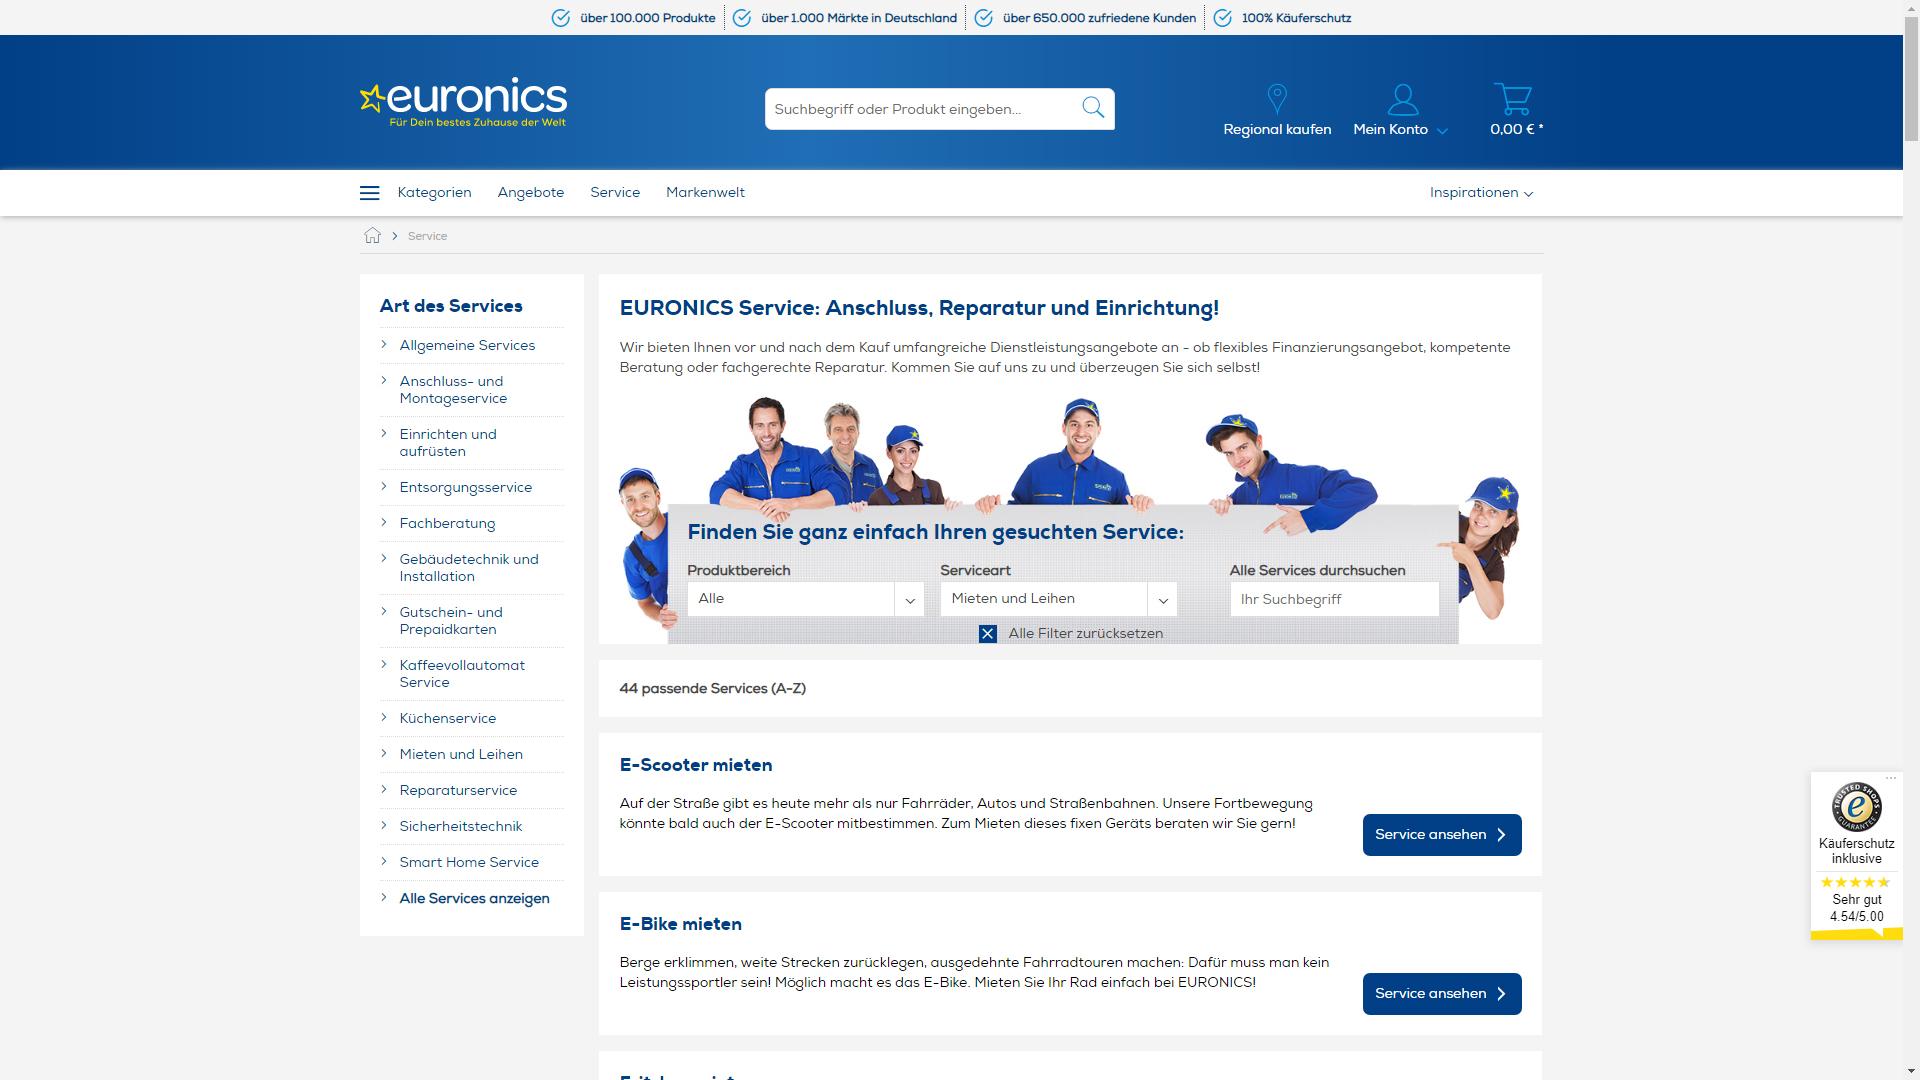 Euronics.de - mieten statt kaufen